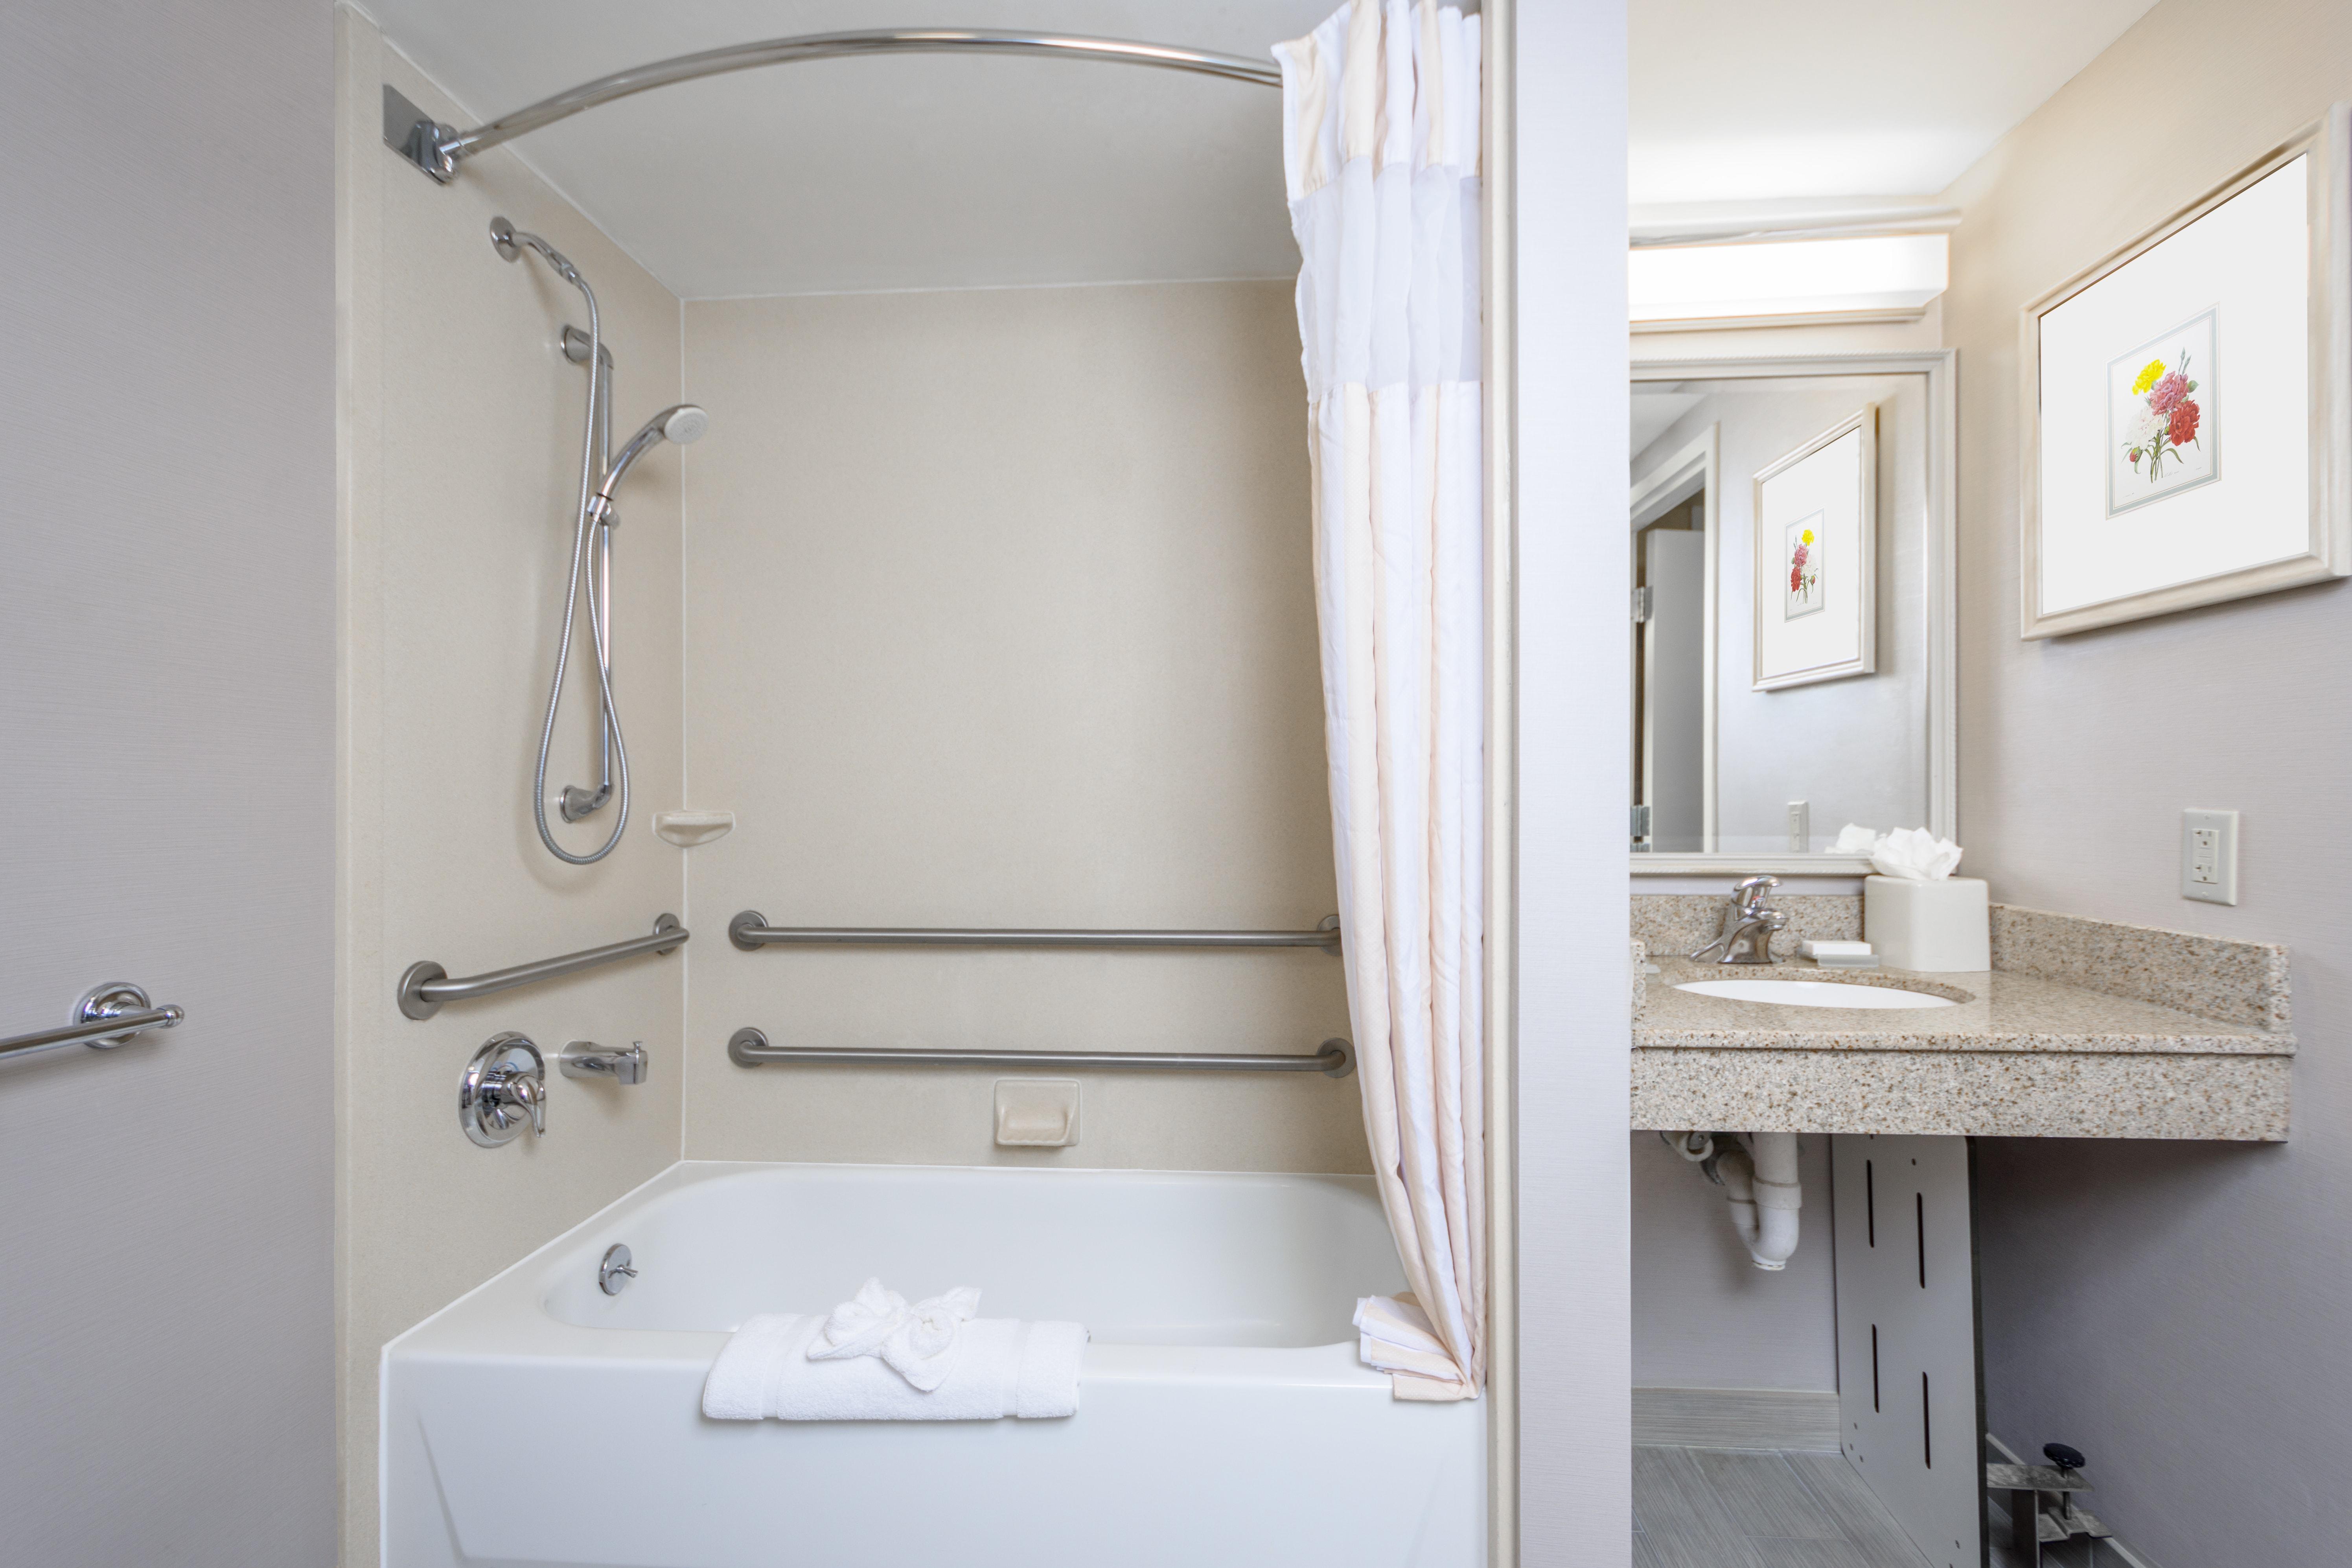 https://www.hotelsbyday.com/_data/default-hotel_image/3/16031/dsc-6740-hdra.jpg